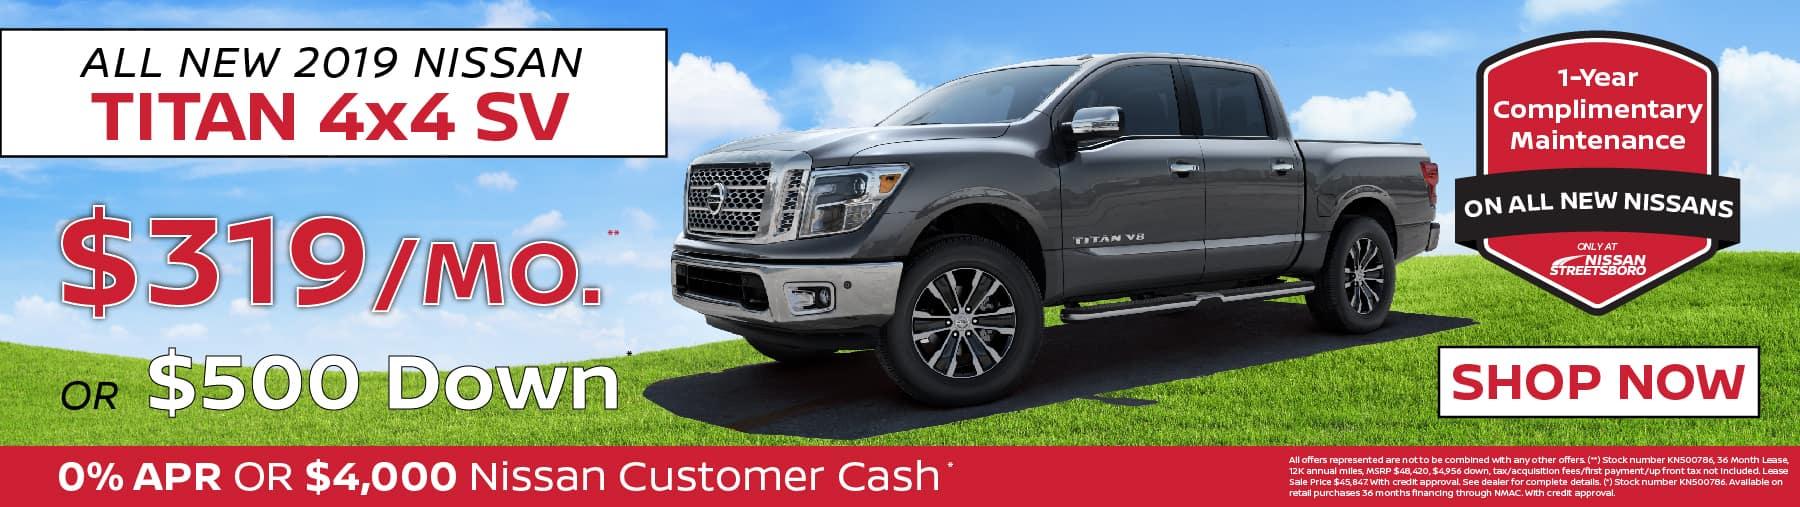 Nissan Titan Special Ohio